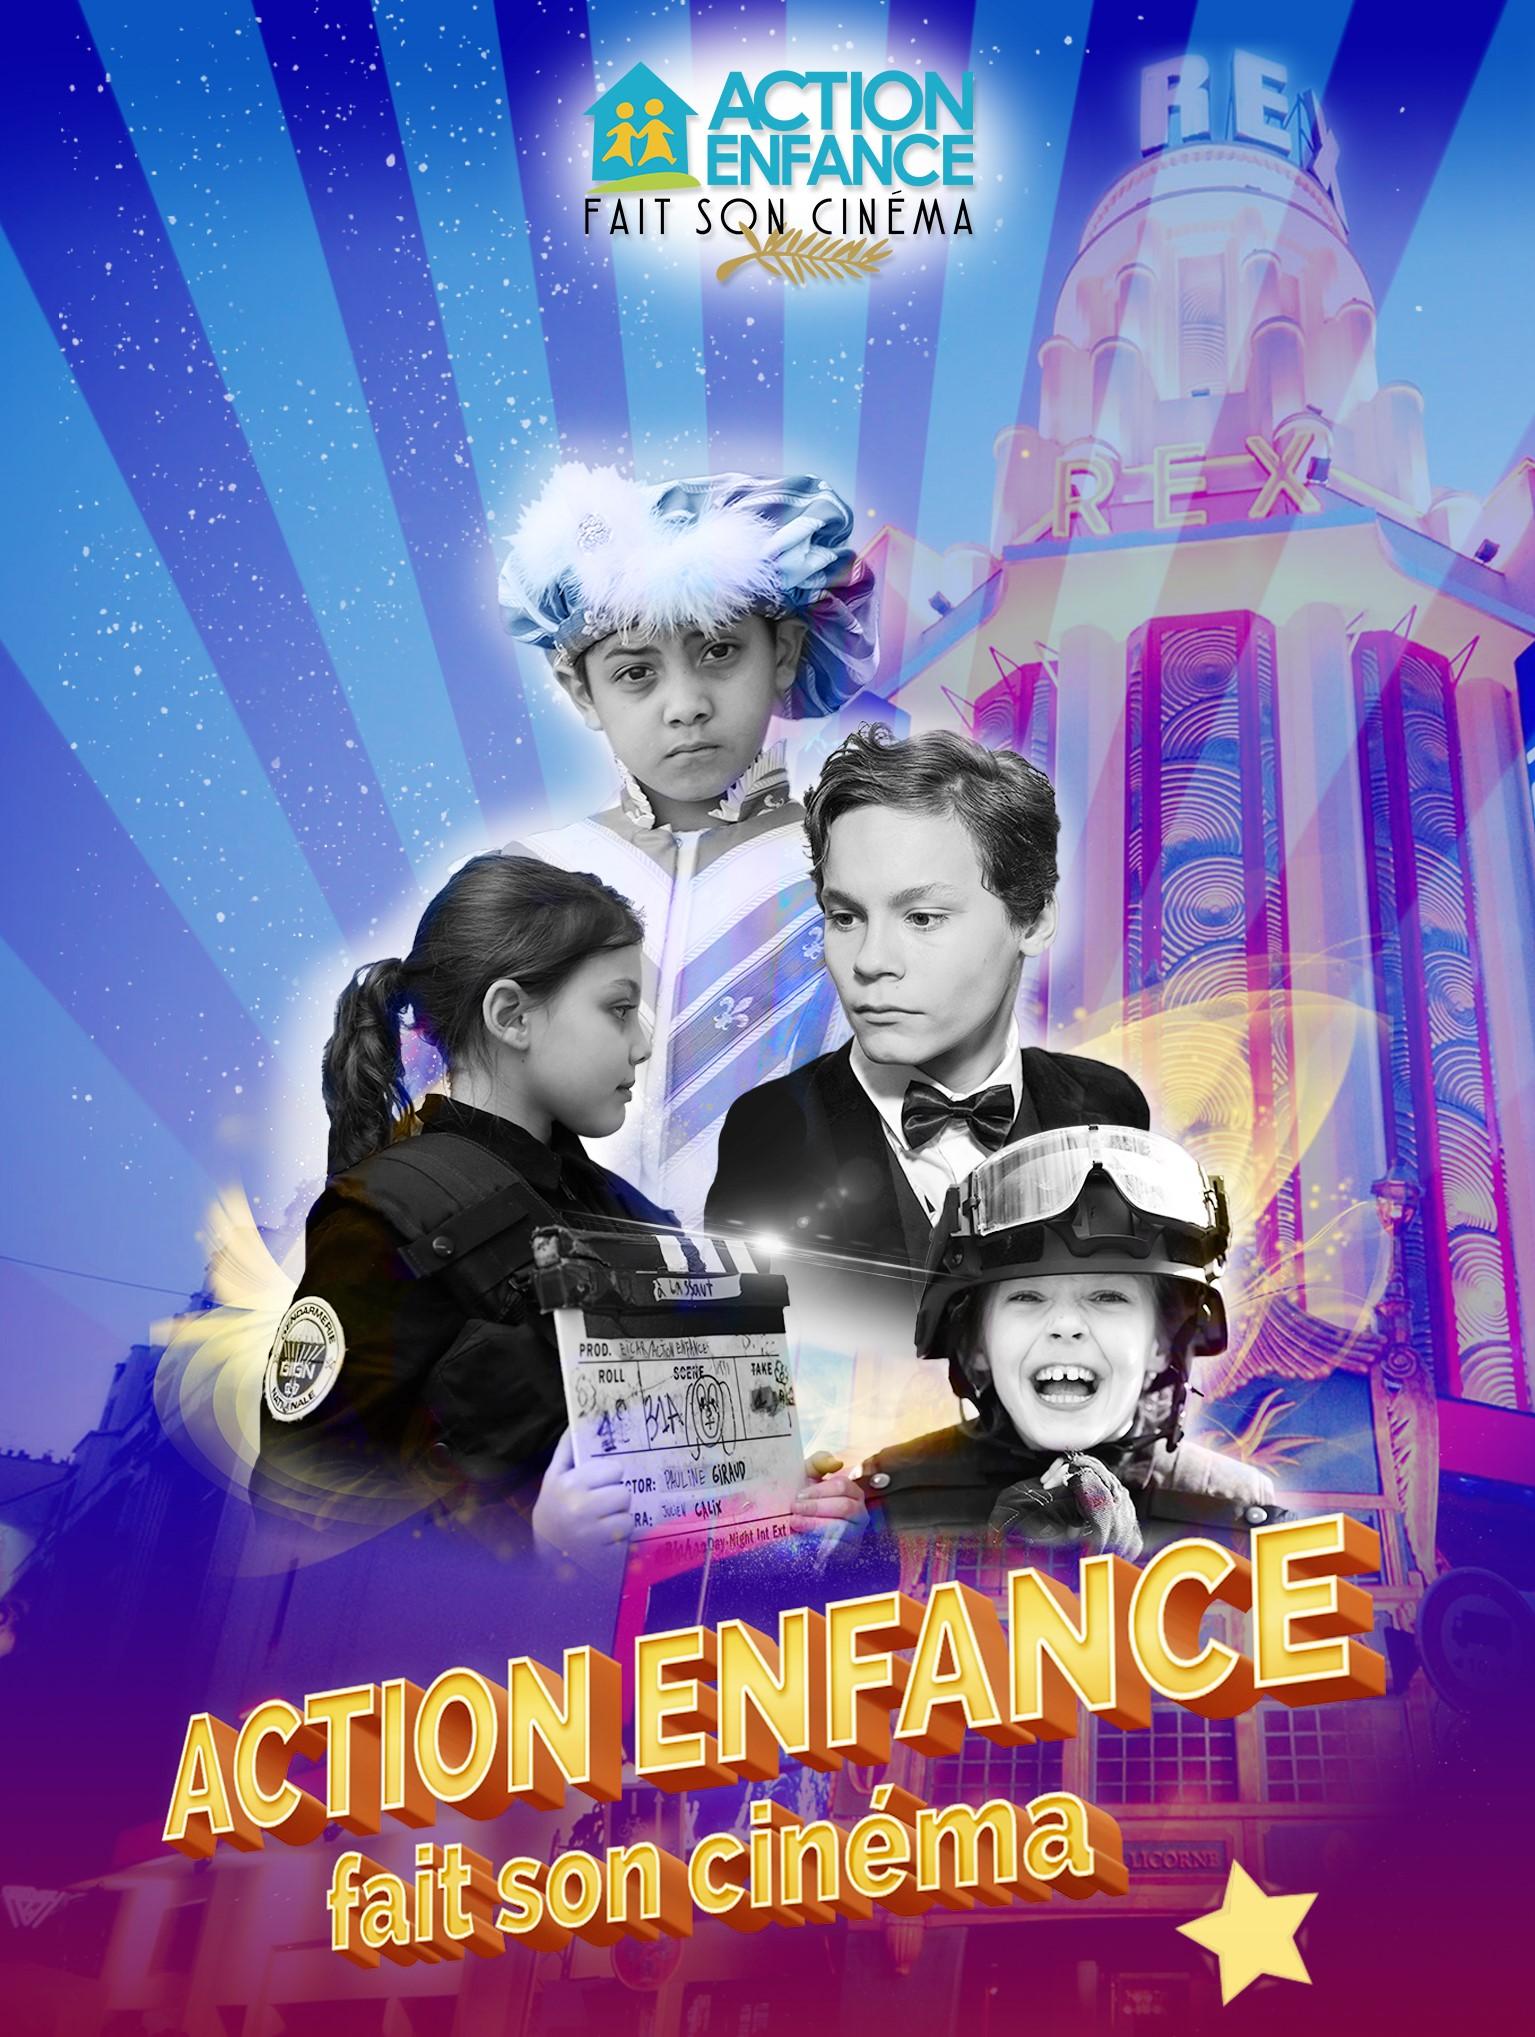 Action enfance fait son cinéma